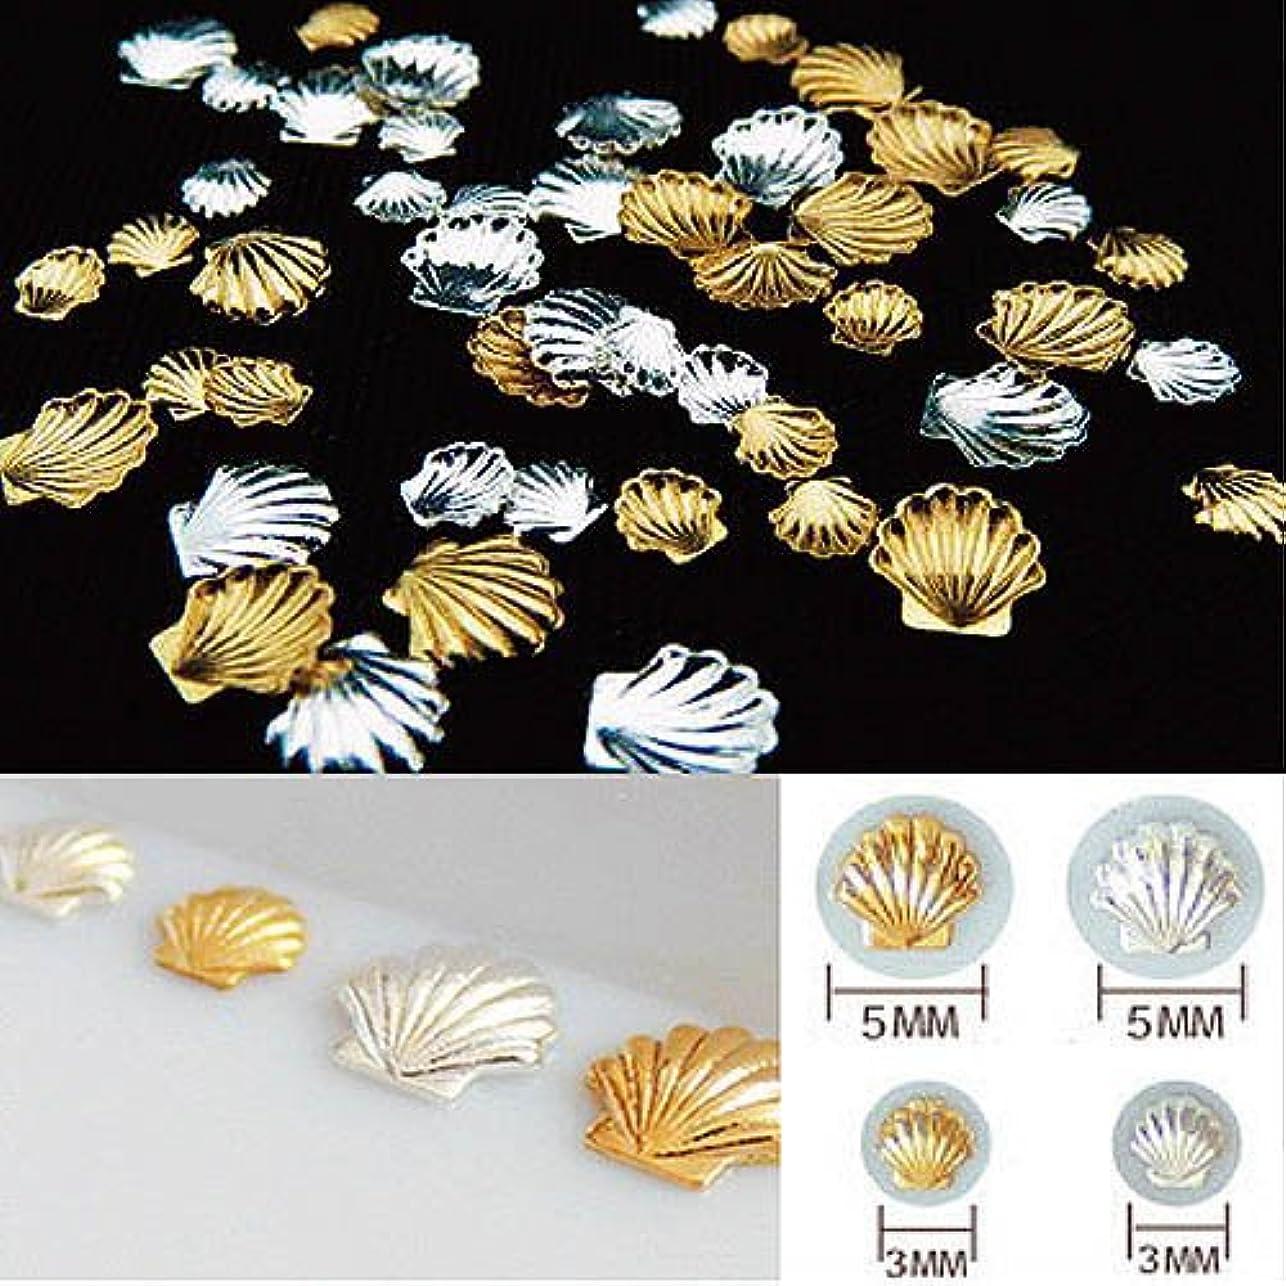 ダイヤモンド軽量ほのめかす貝殻モチーフ マリン パーツ チャーム 金属パーツ メタルシェル 48個(ゴールド&シルバー、3mm&5mm 各12個)セット